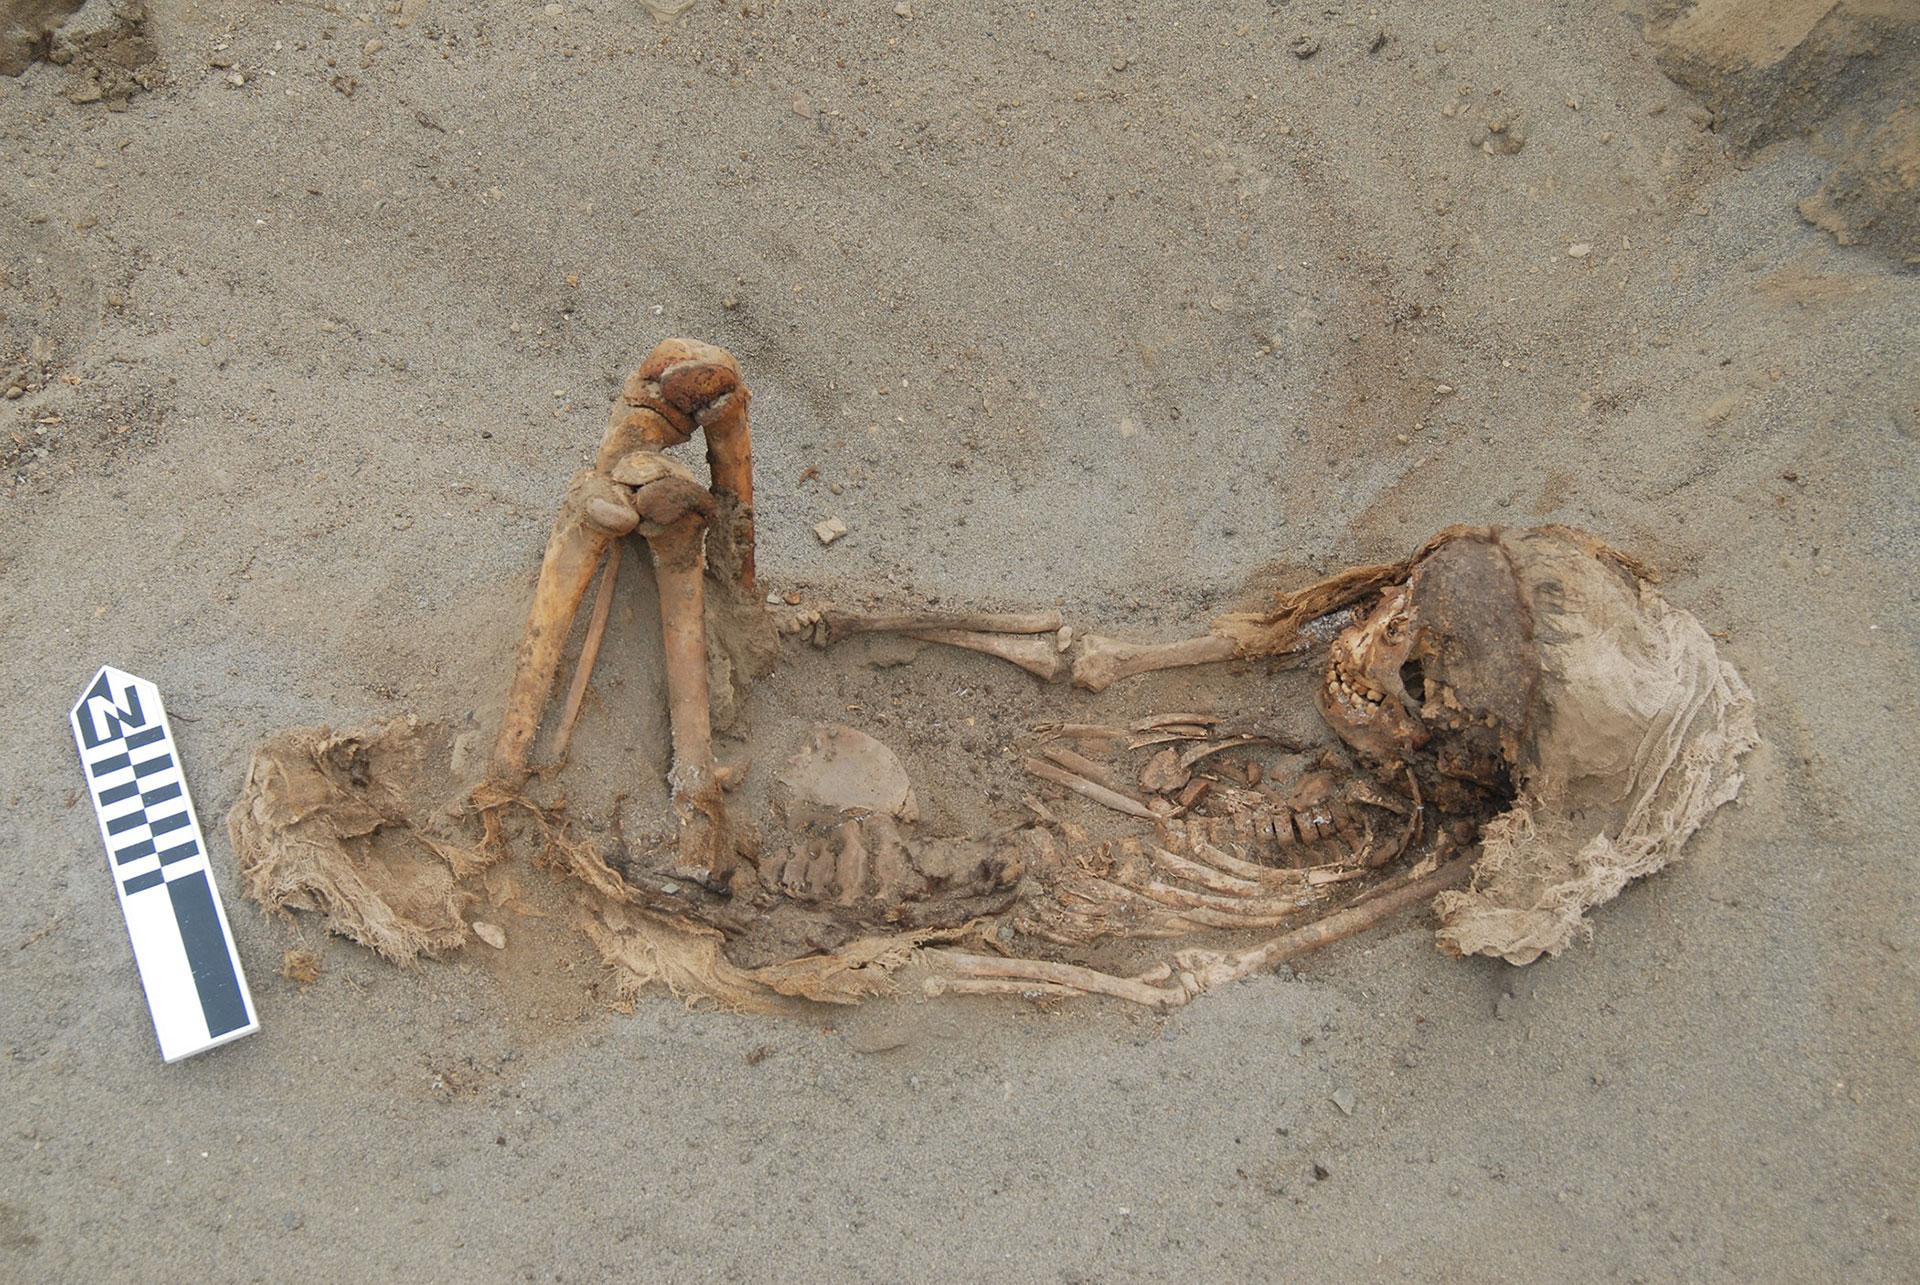 Un típico entierro infantil con las piernas flexionadas y mirando hacia la costa, en el oeste (journals.plos.org)